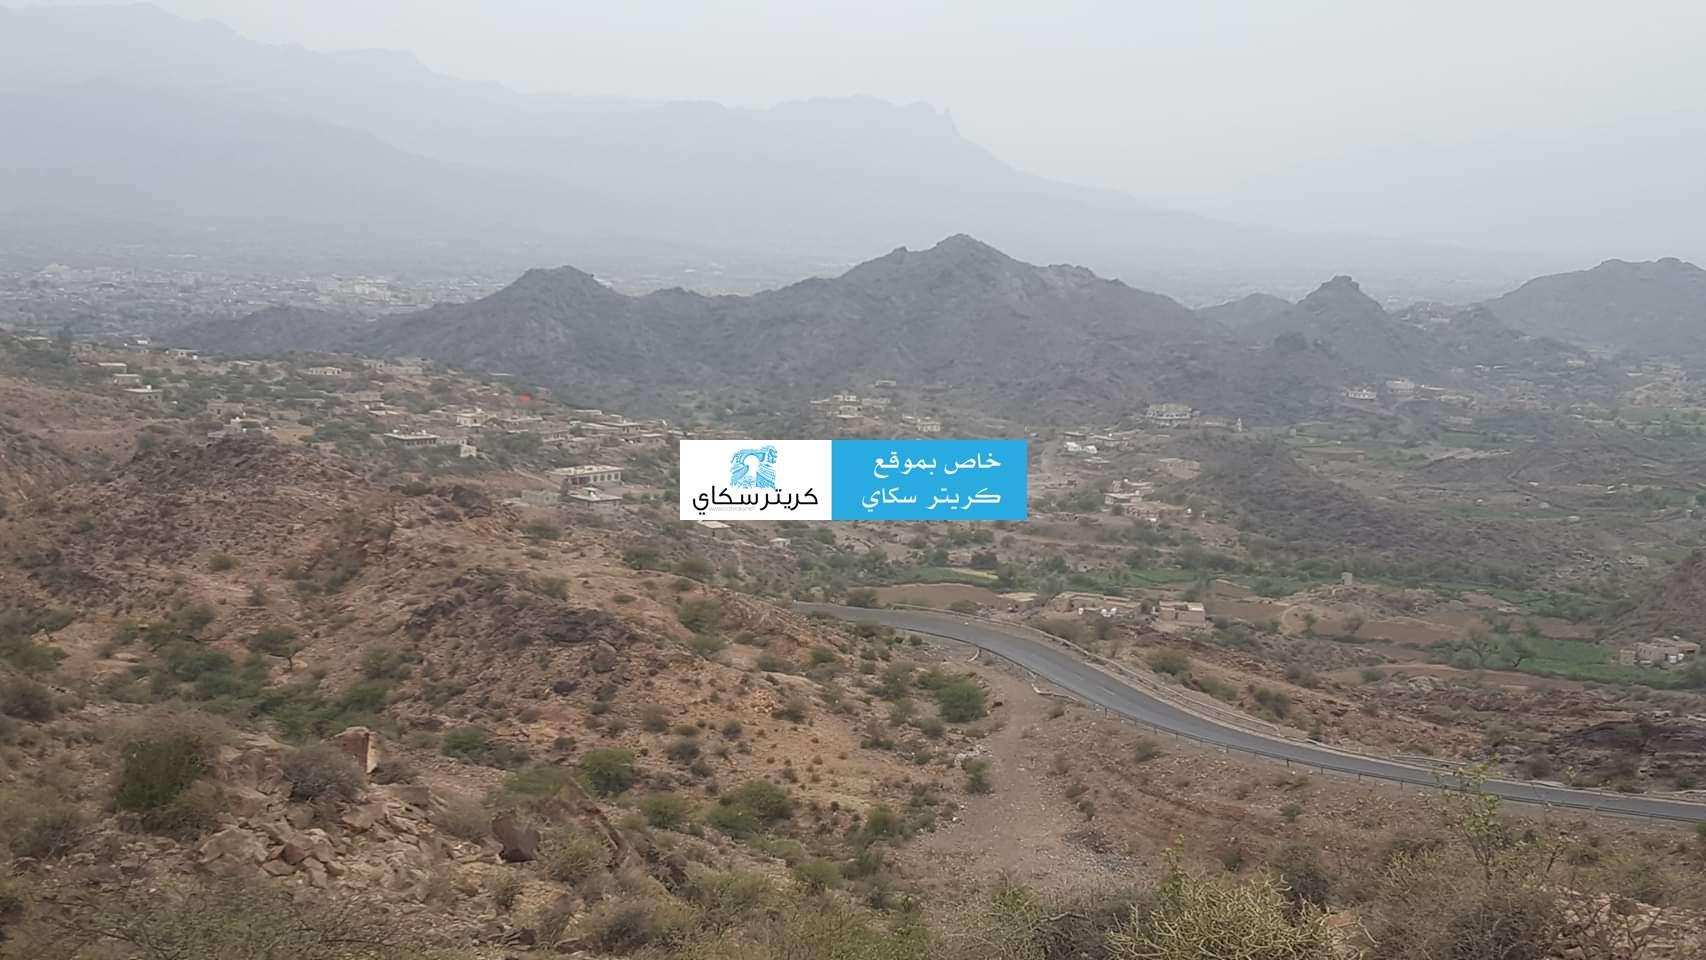 عاجل: قتلى جراء هجوم عنيف لجماعة الحوثيين في الضالع (حصيلة القتلى)